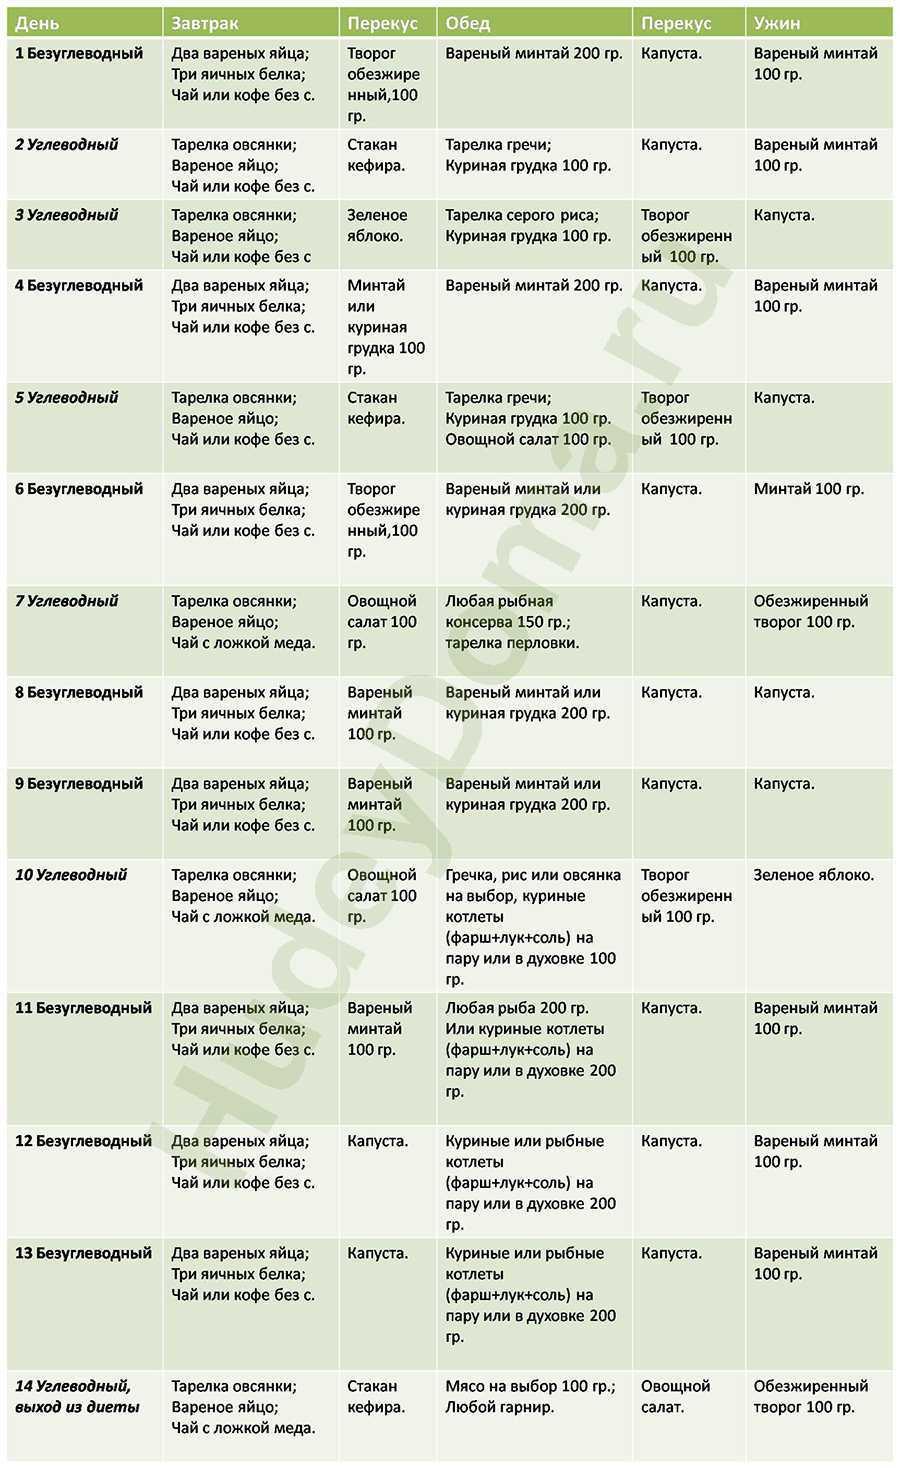 Список продуктов и меню для похудения: что можно есть на белковой диете, сколько можно скинуть в весе